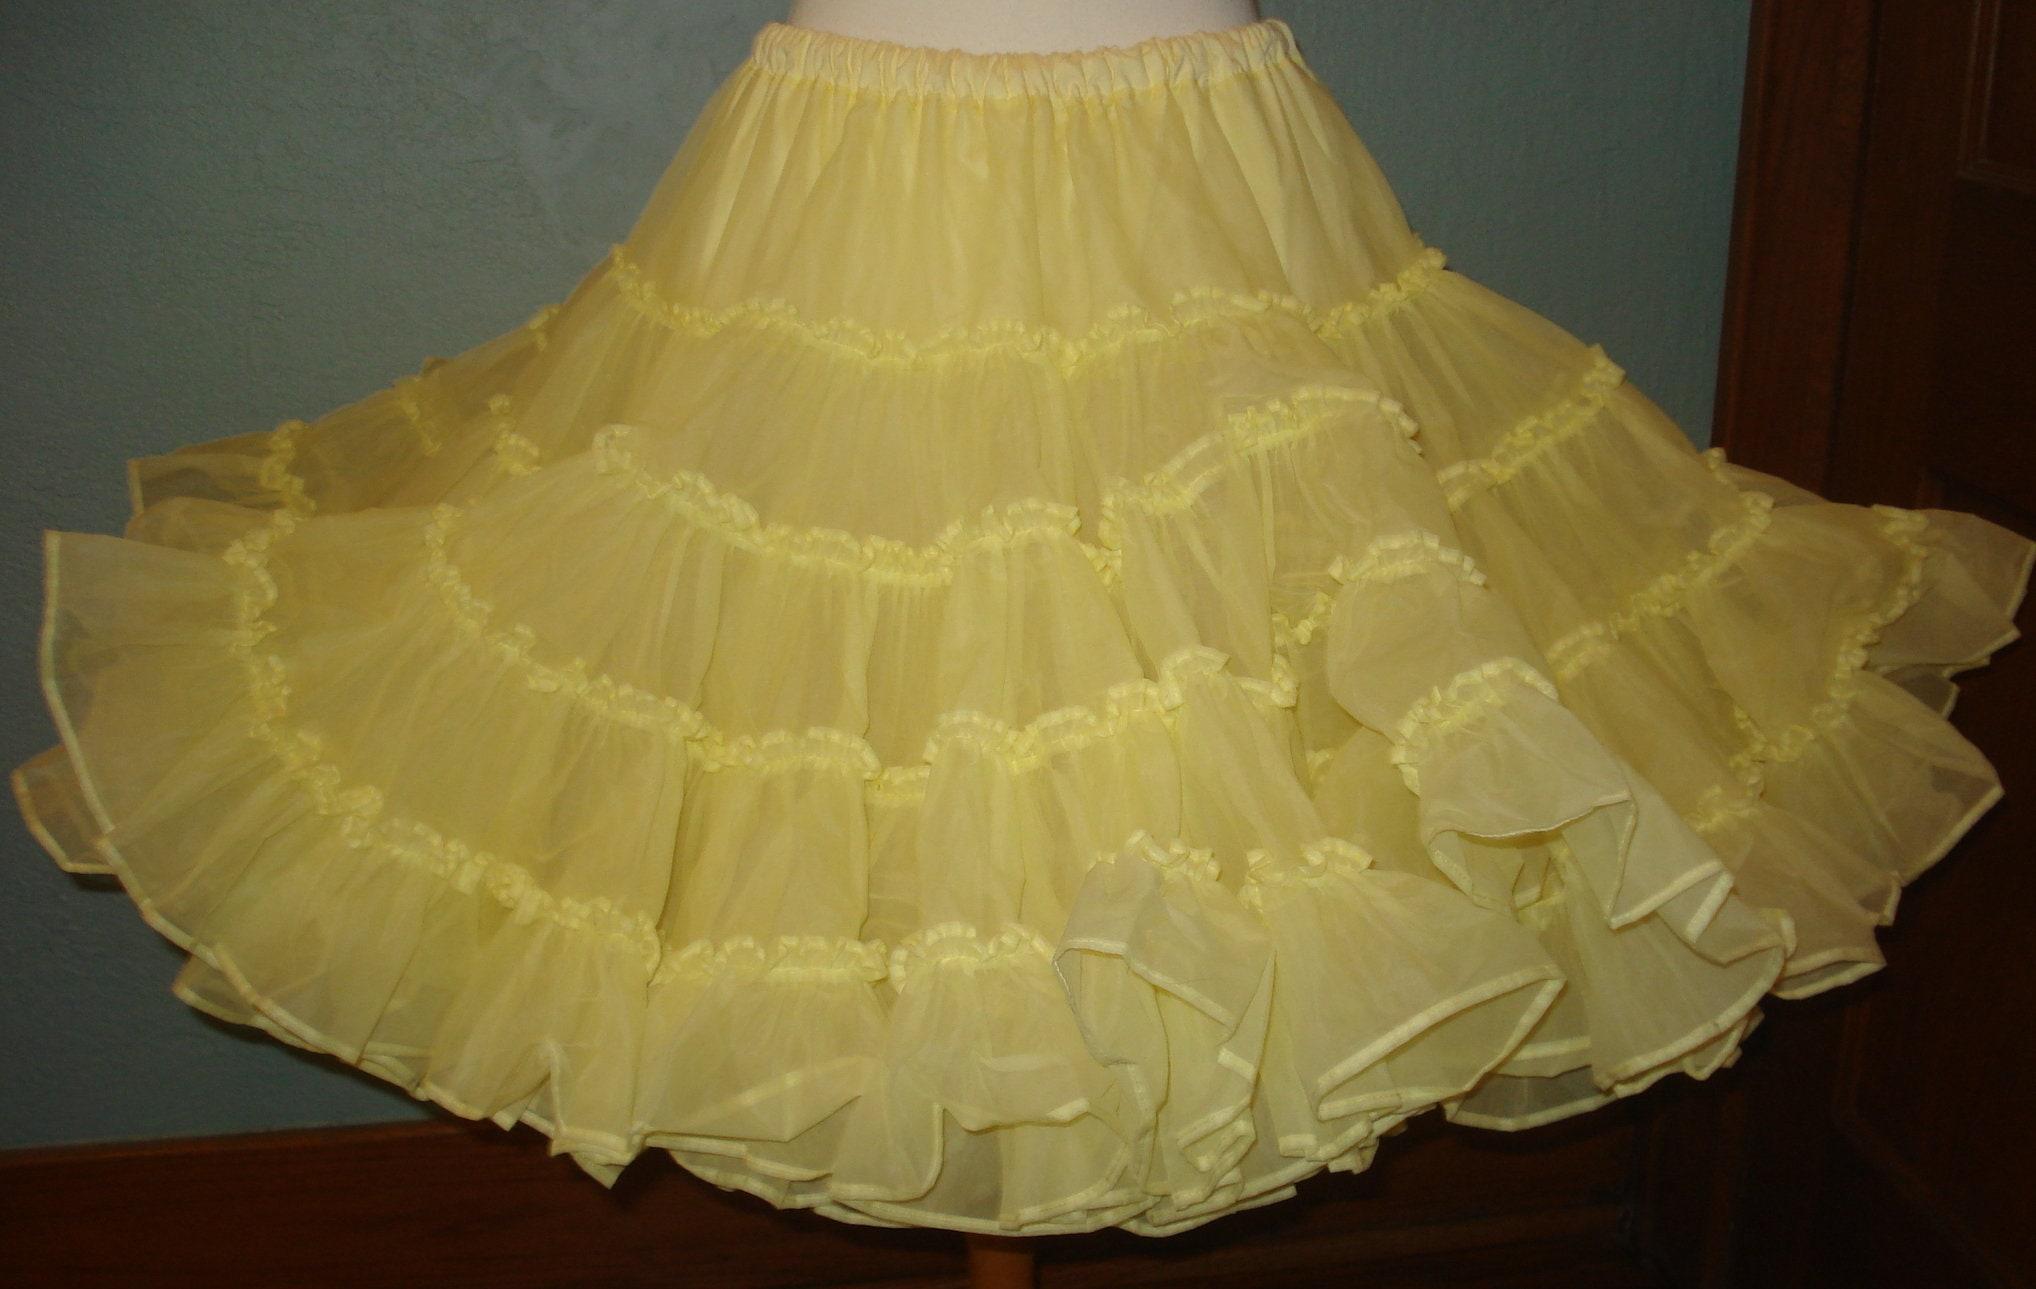 fffa757fbcae Yellow Petticoat Square Dancing Slip Size Medium Two Layers Very Poofy Slip,  Tutu, Crinoline Skirt